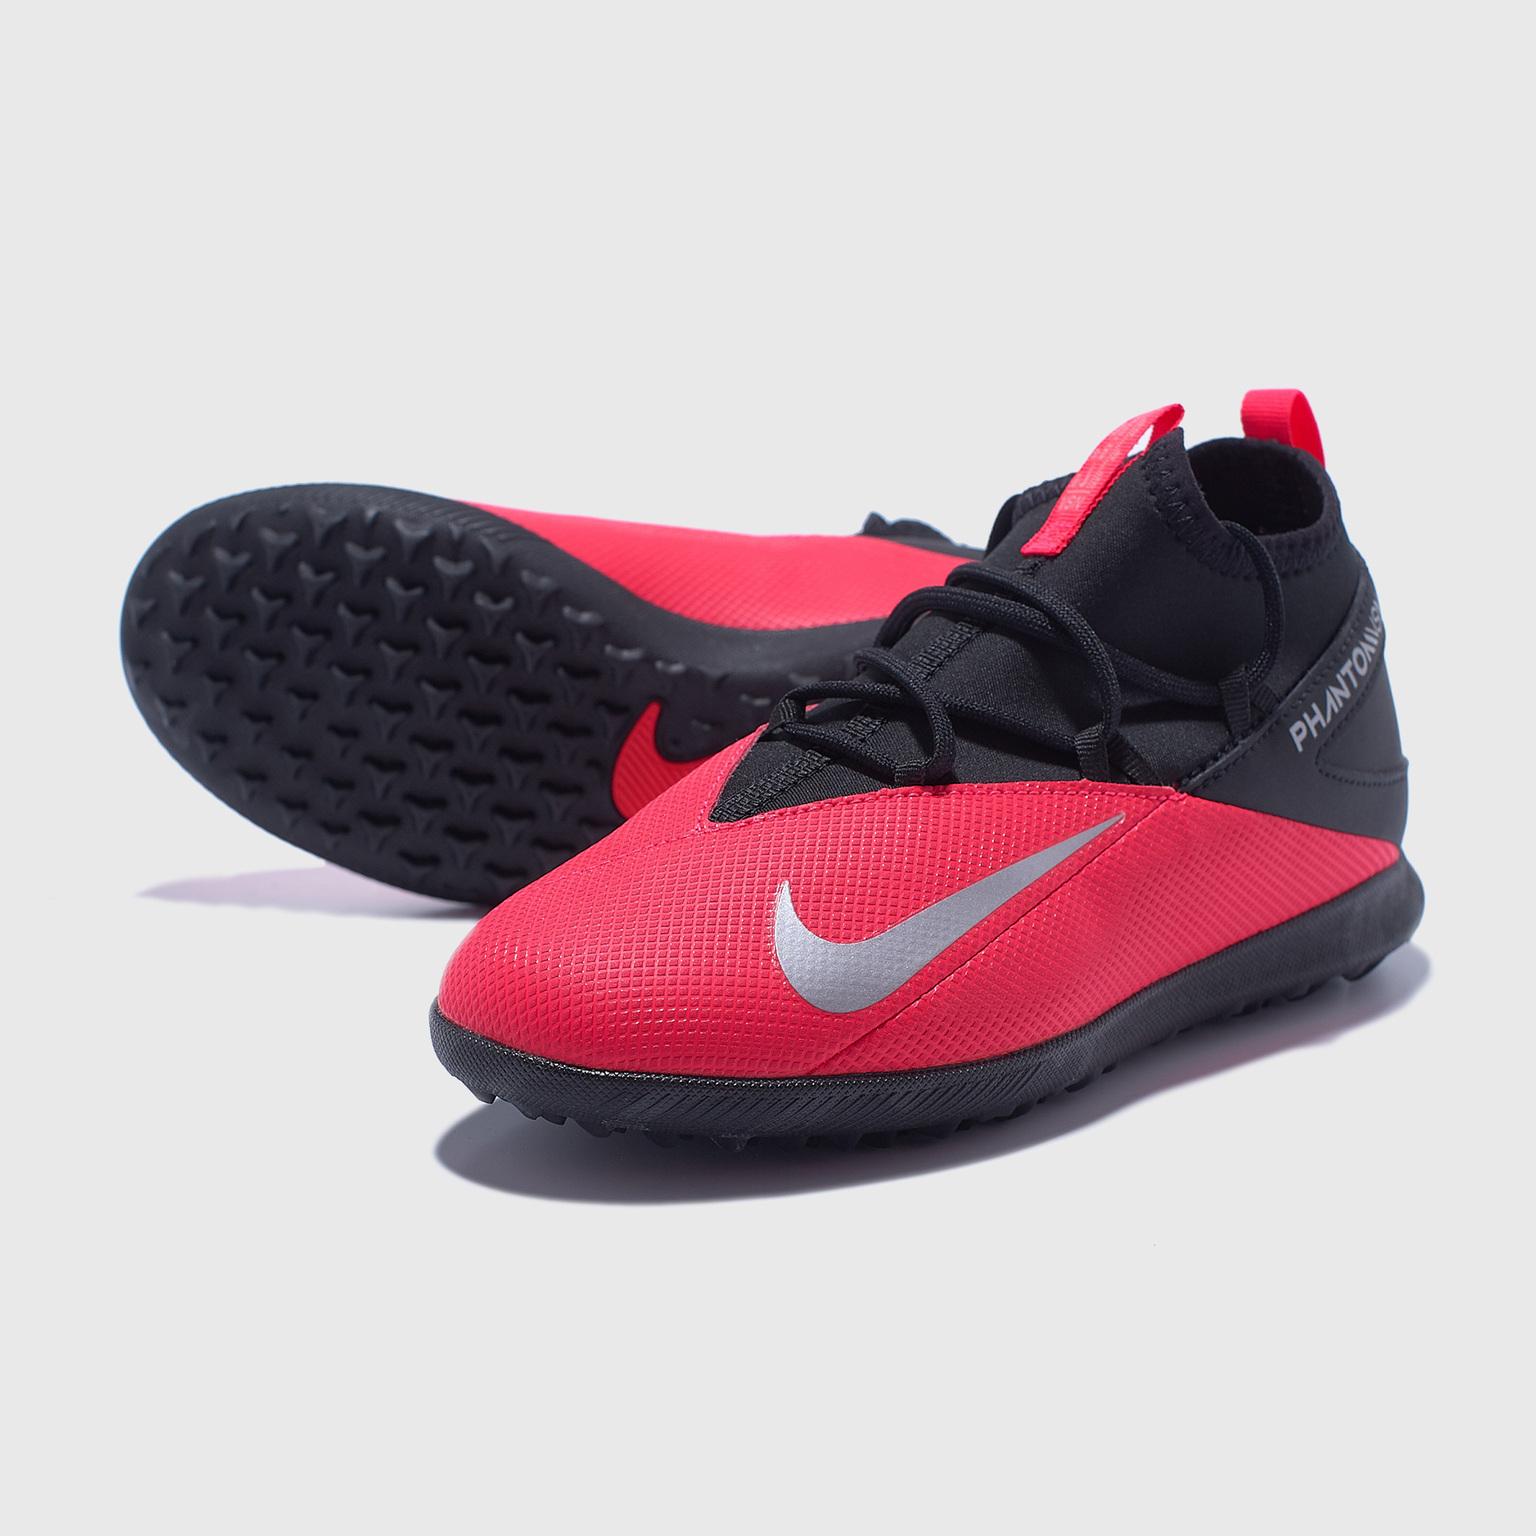 Шиповки детские Nike Phantom Vision 2 Club DF TF CD4079-606 шиповки детские nike phantom vision 2 academy df tf cd4078 606